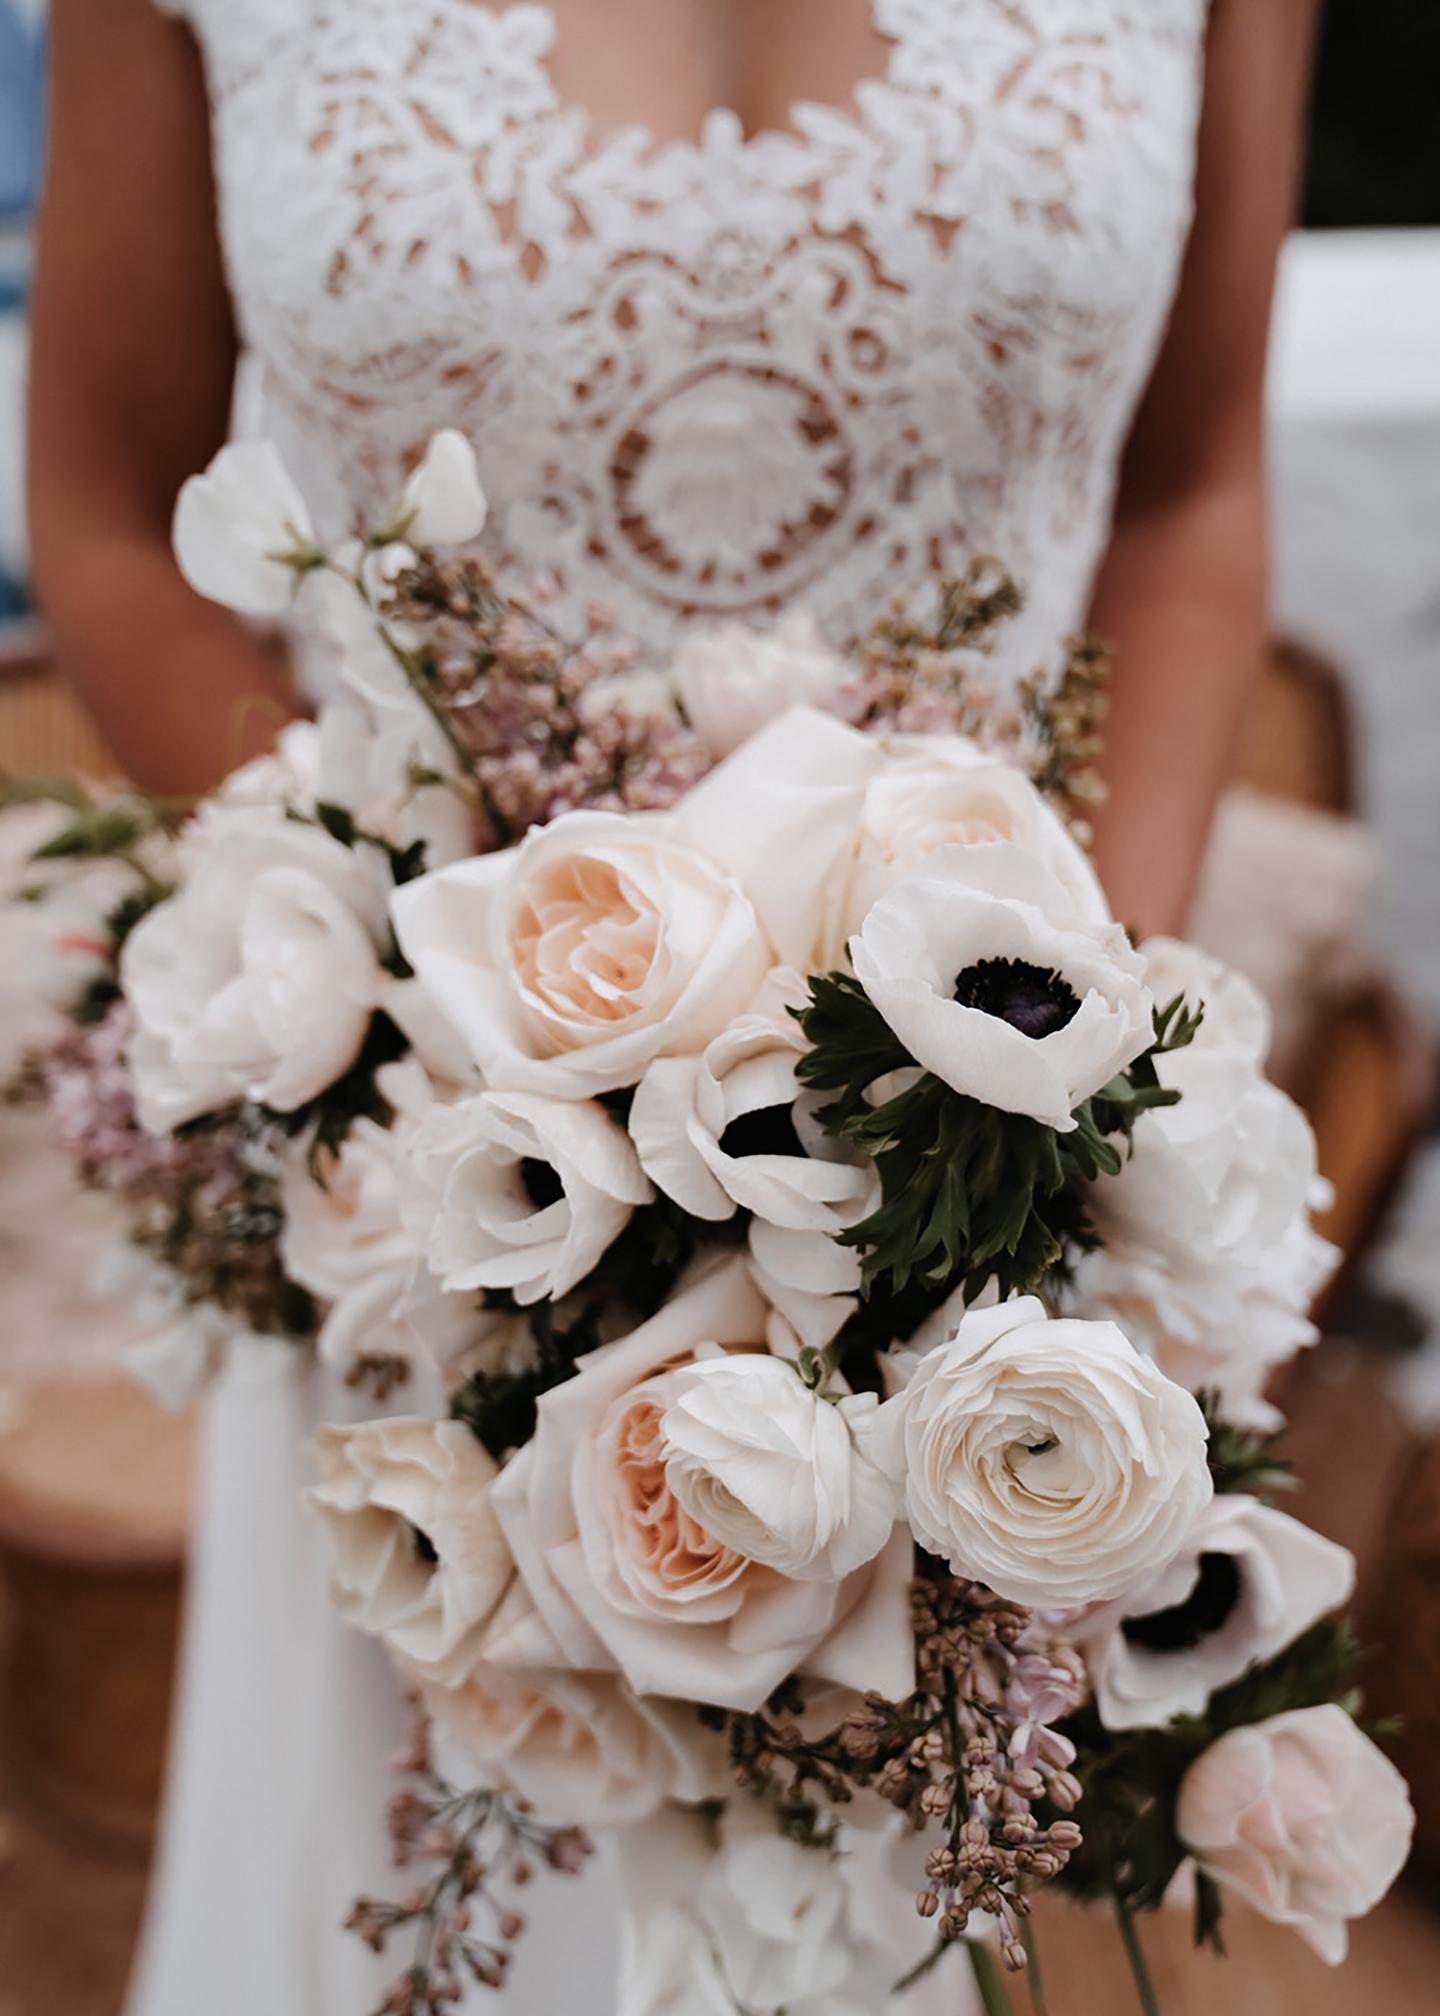 Der Brautstrauß in hellen Orange, Peach, Rosa und Pudertönen wird von der Braut vor ihrem Kleid gehalten.